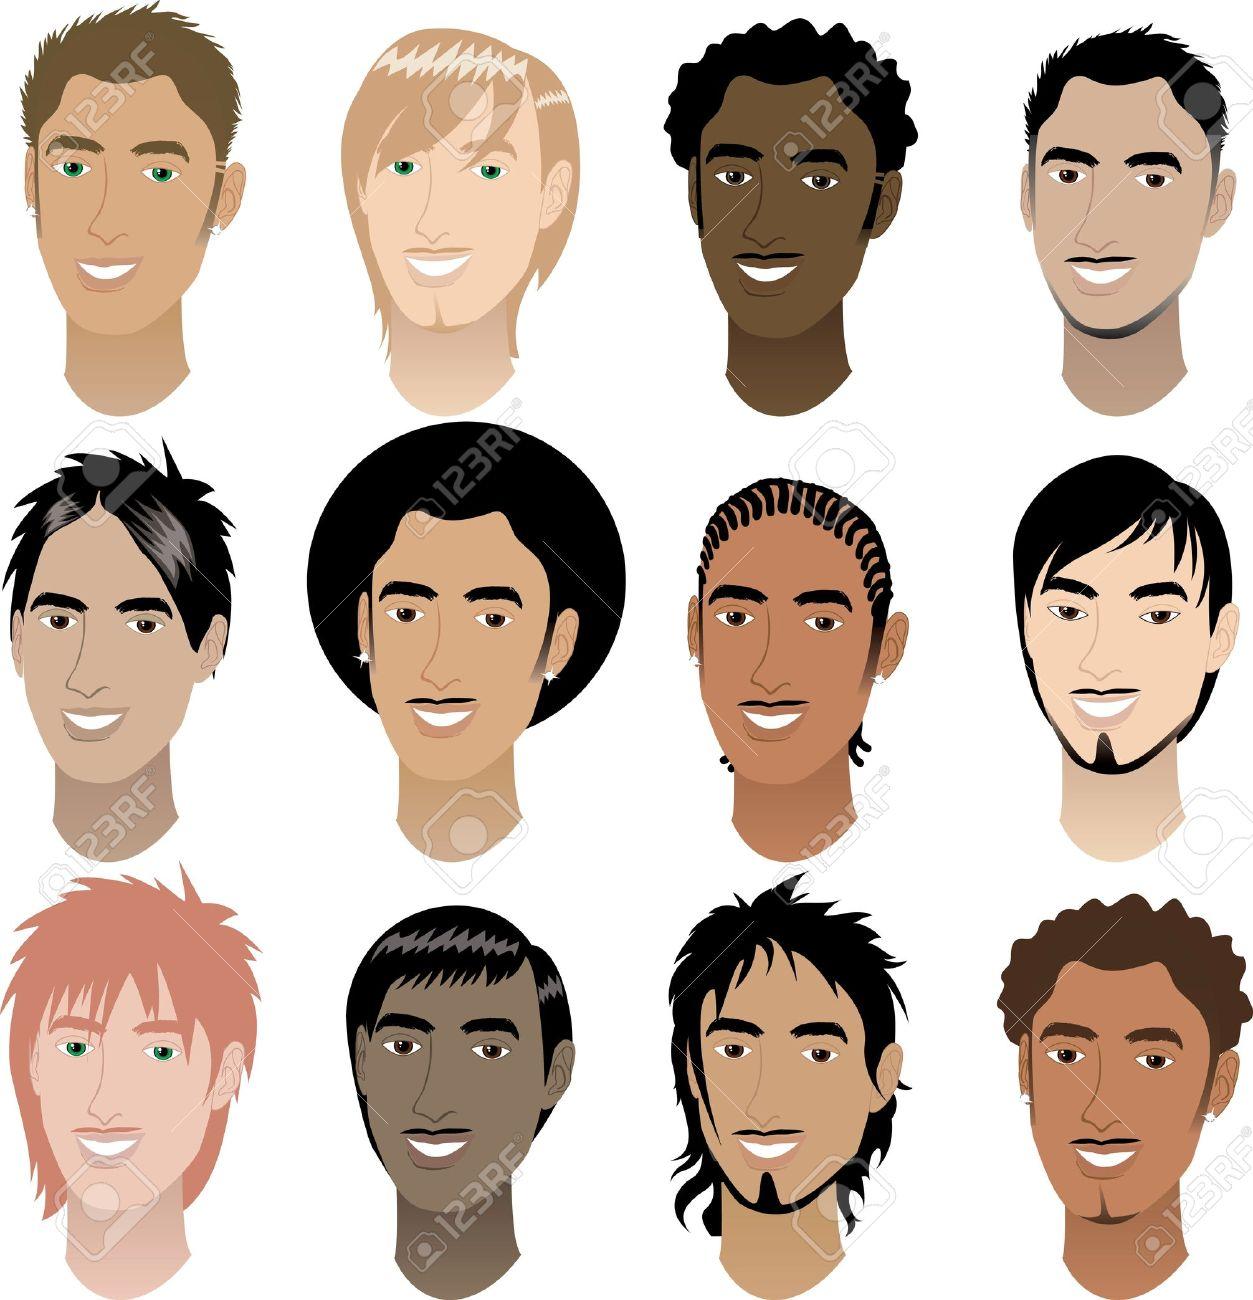 Vector Illustration of twelve Men Faces # 4. Stock Vector - 9718903